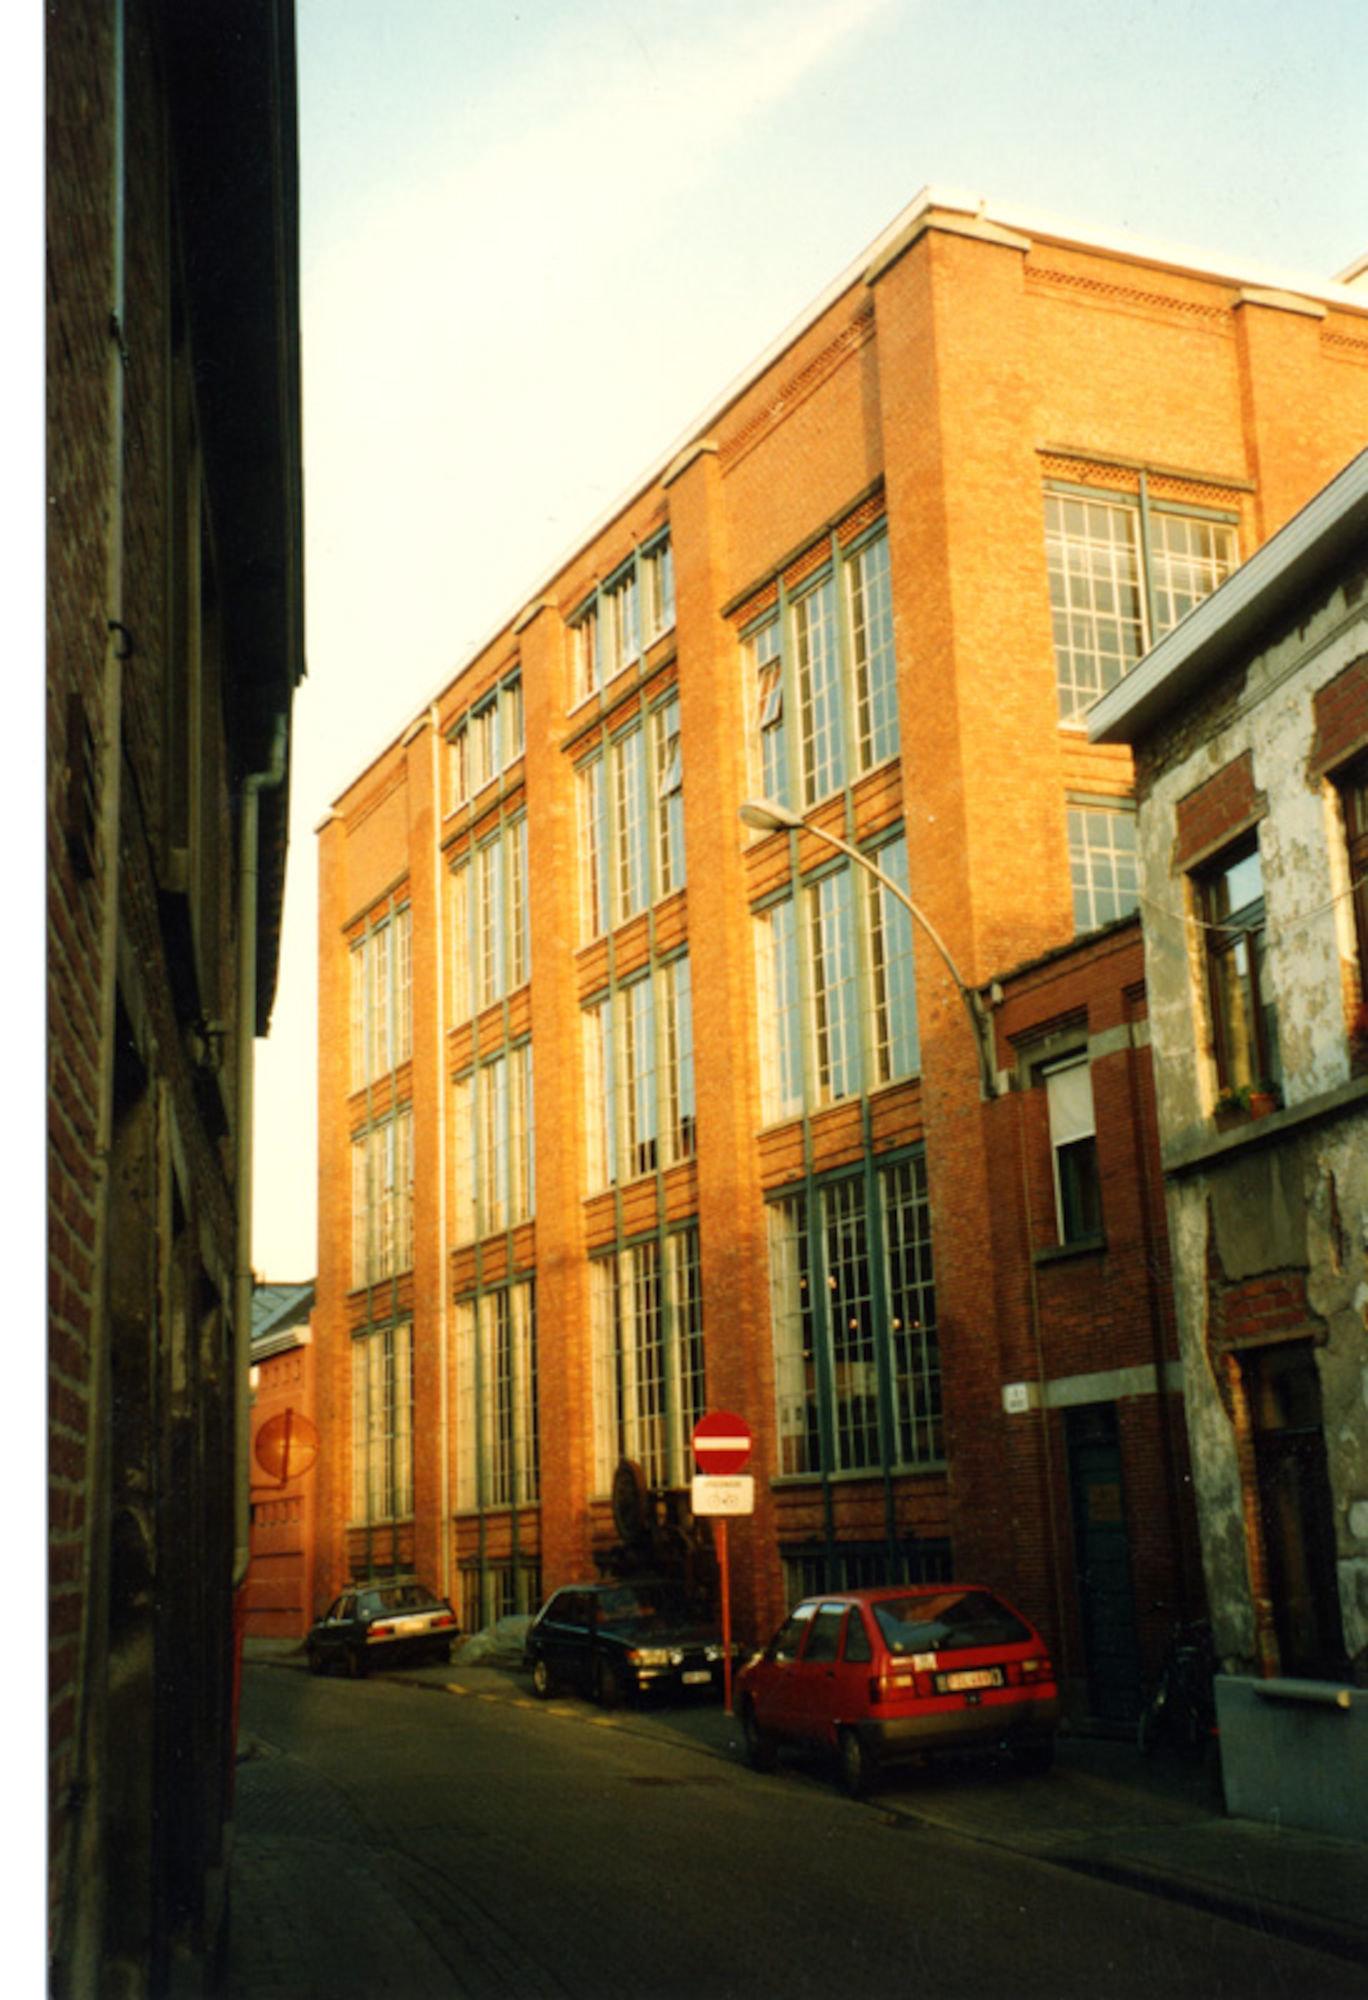 Industriemuseum, gelegen tussen Oudevest en Minnemeers, Gent